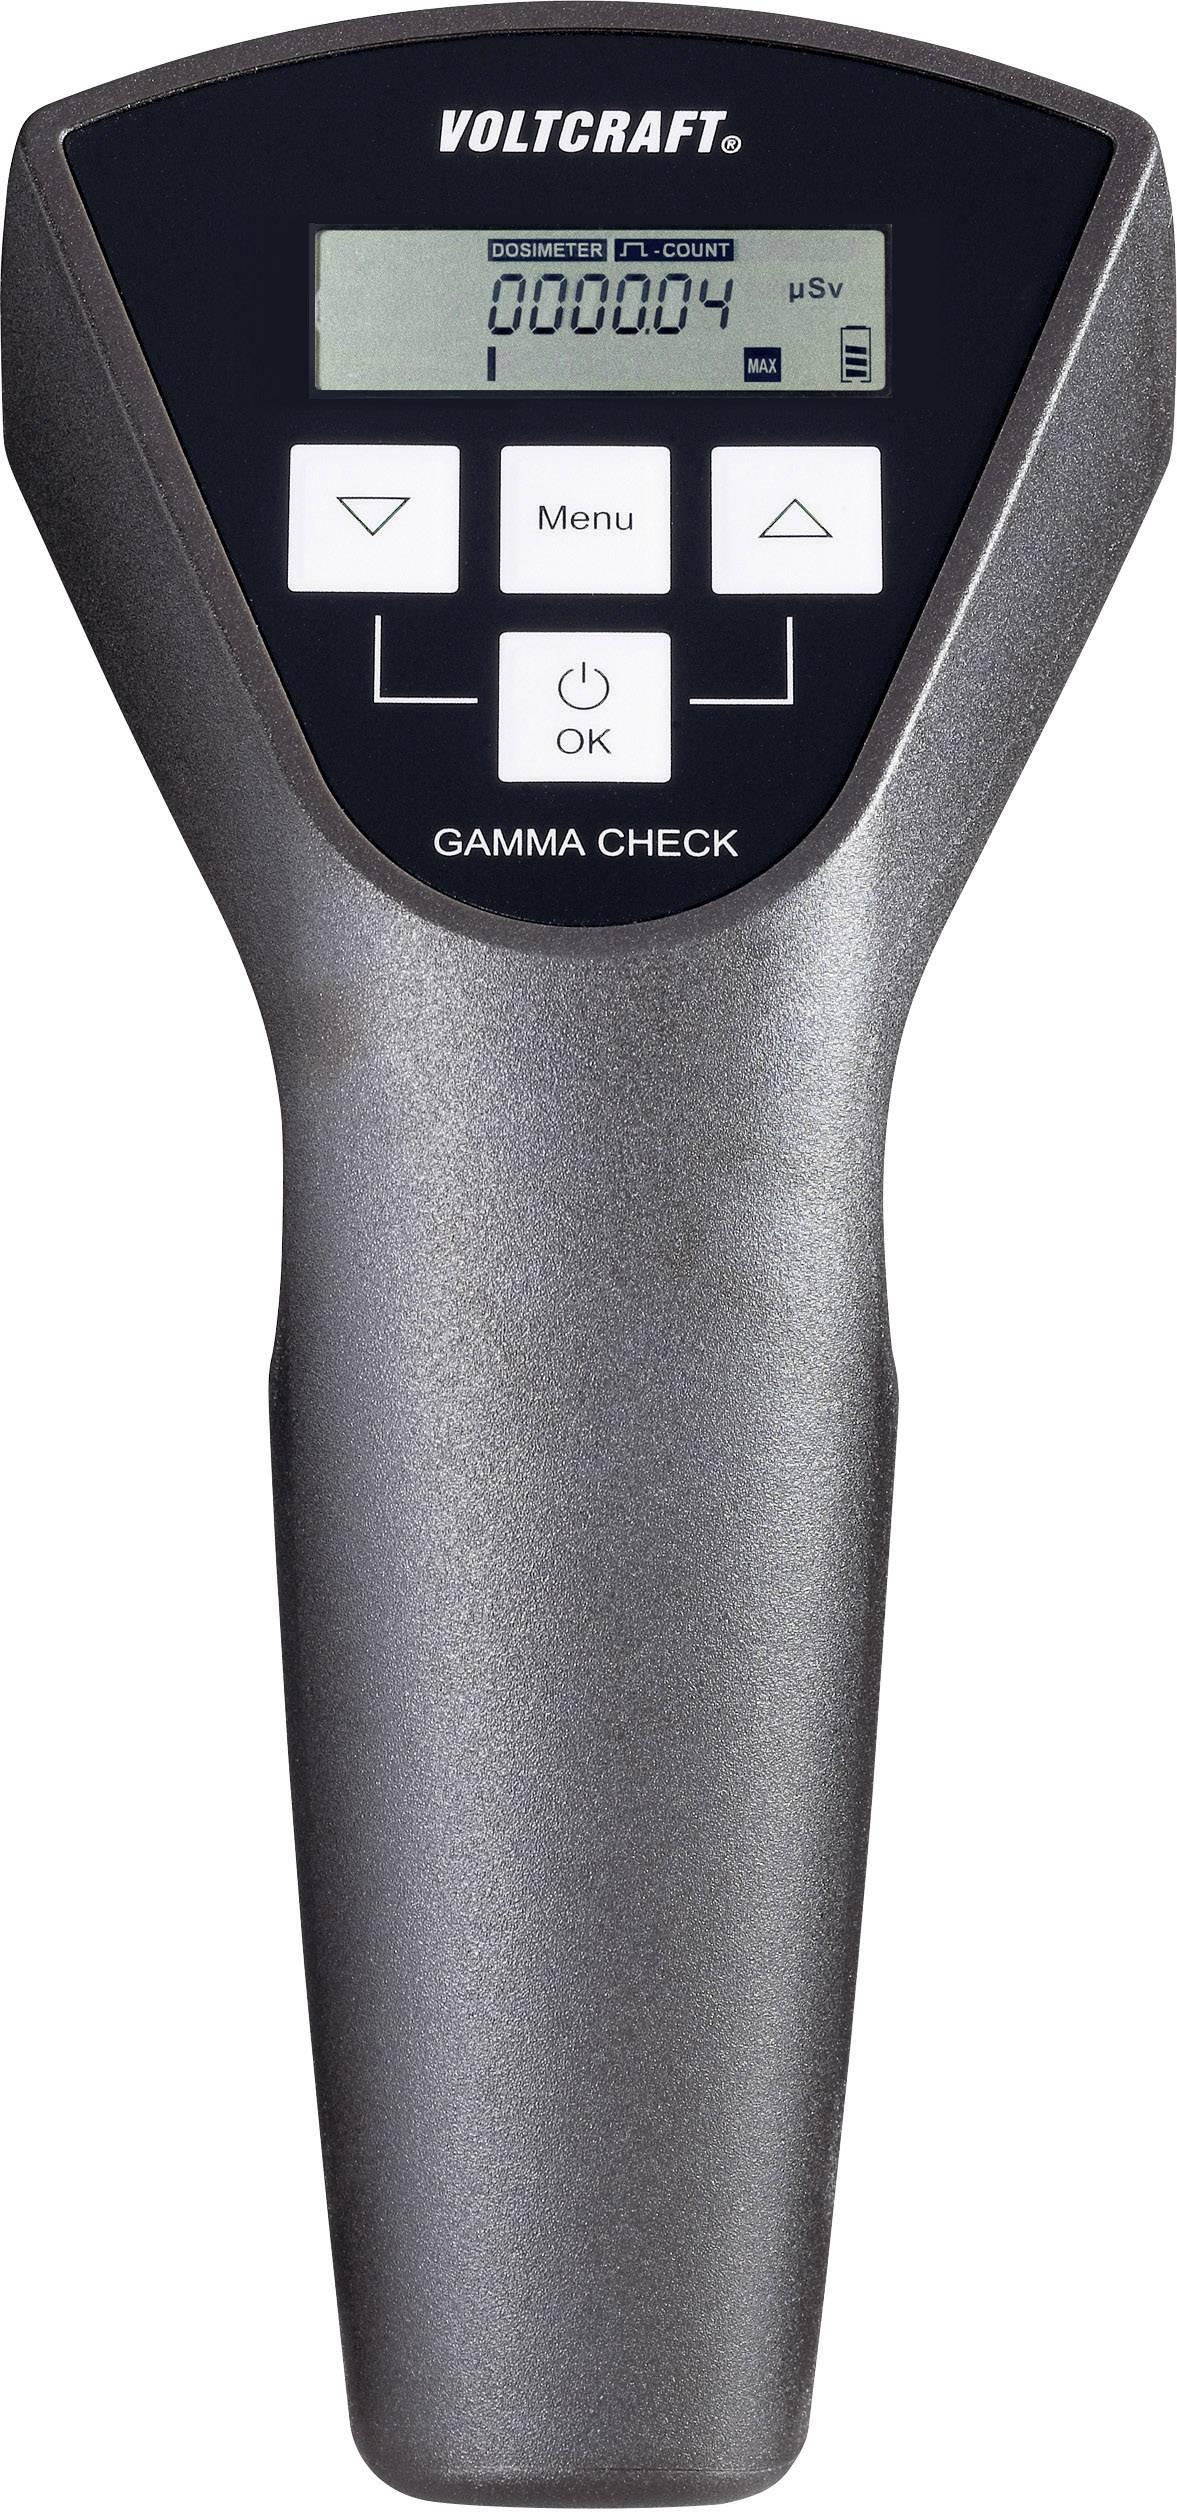 Geigerov čítač Voltcraft Gamma-Check-Pro, 0,0001 - 999999 μSv